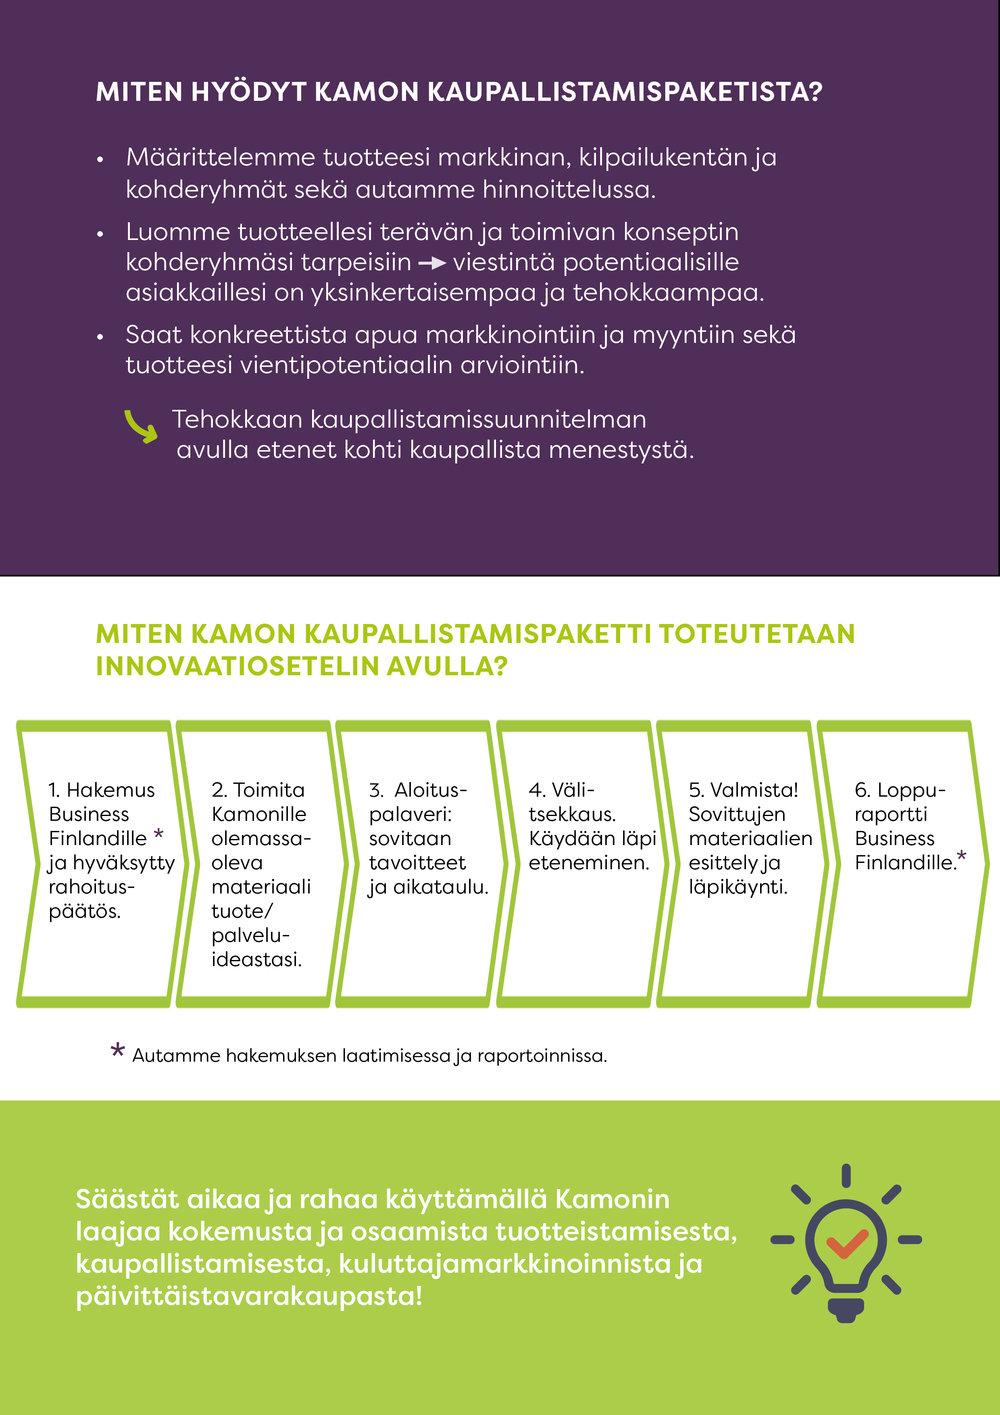 Innovaatioseteliesite kuvina sivu  2.jpg